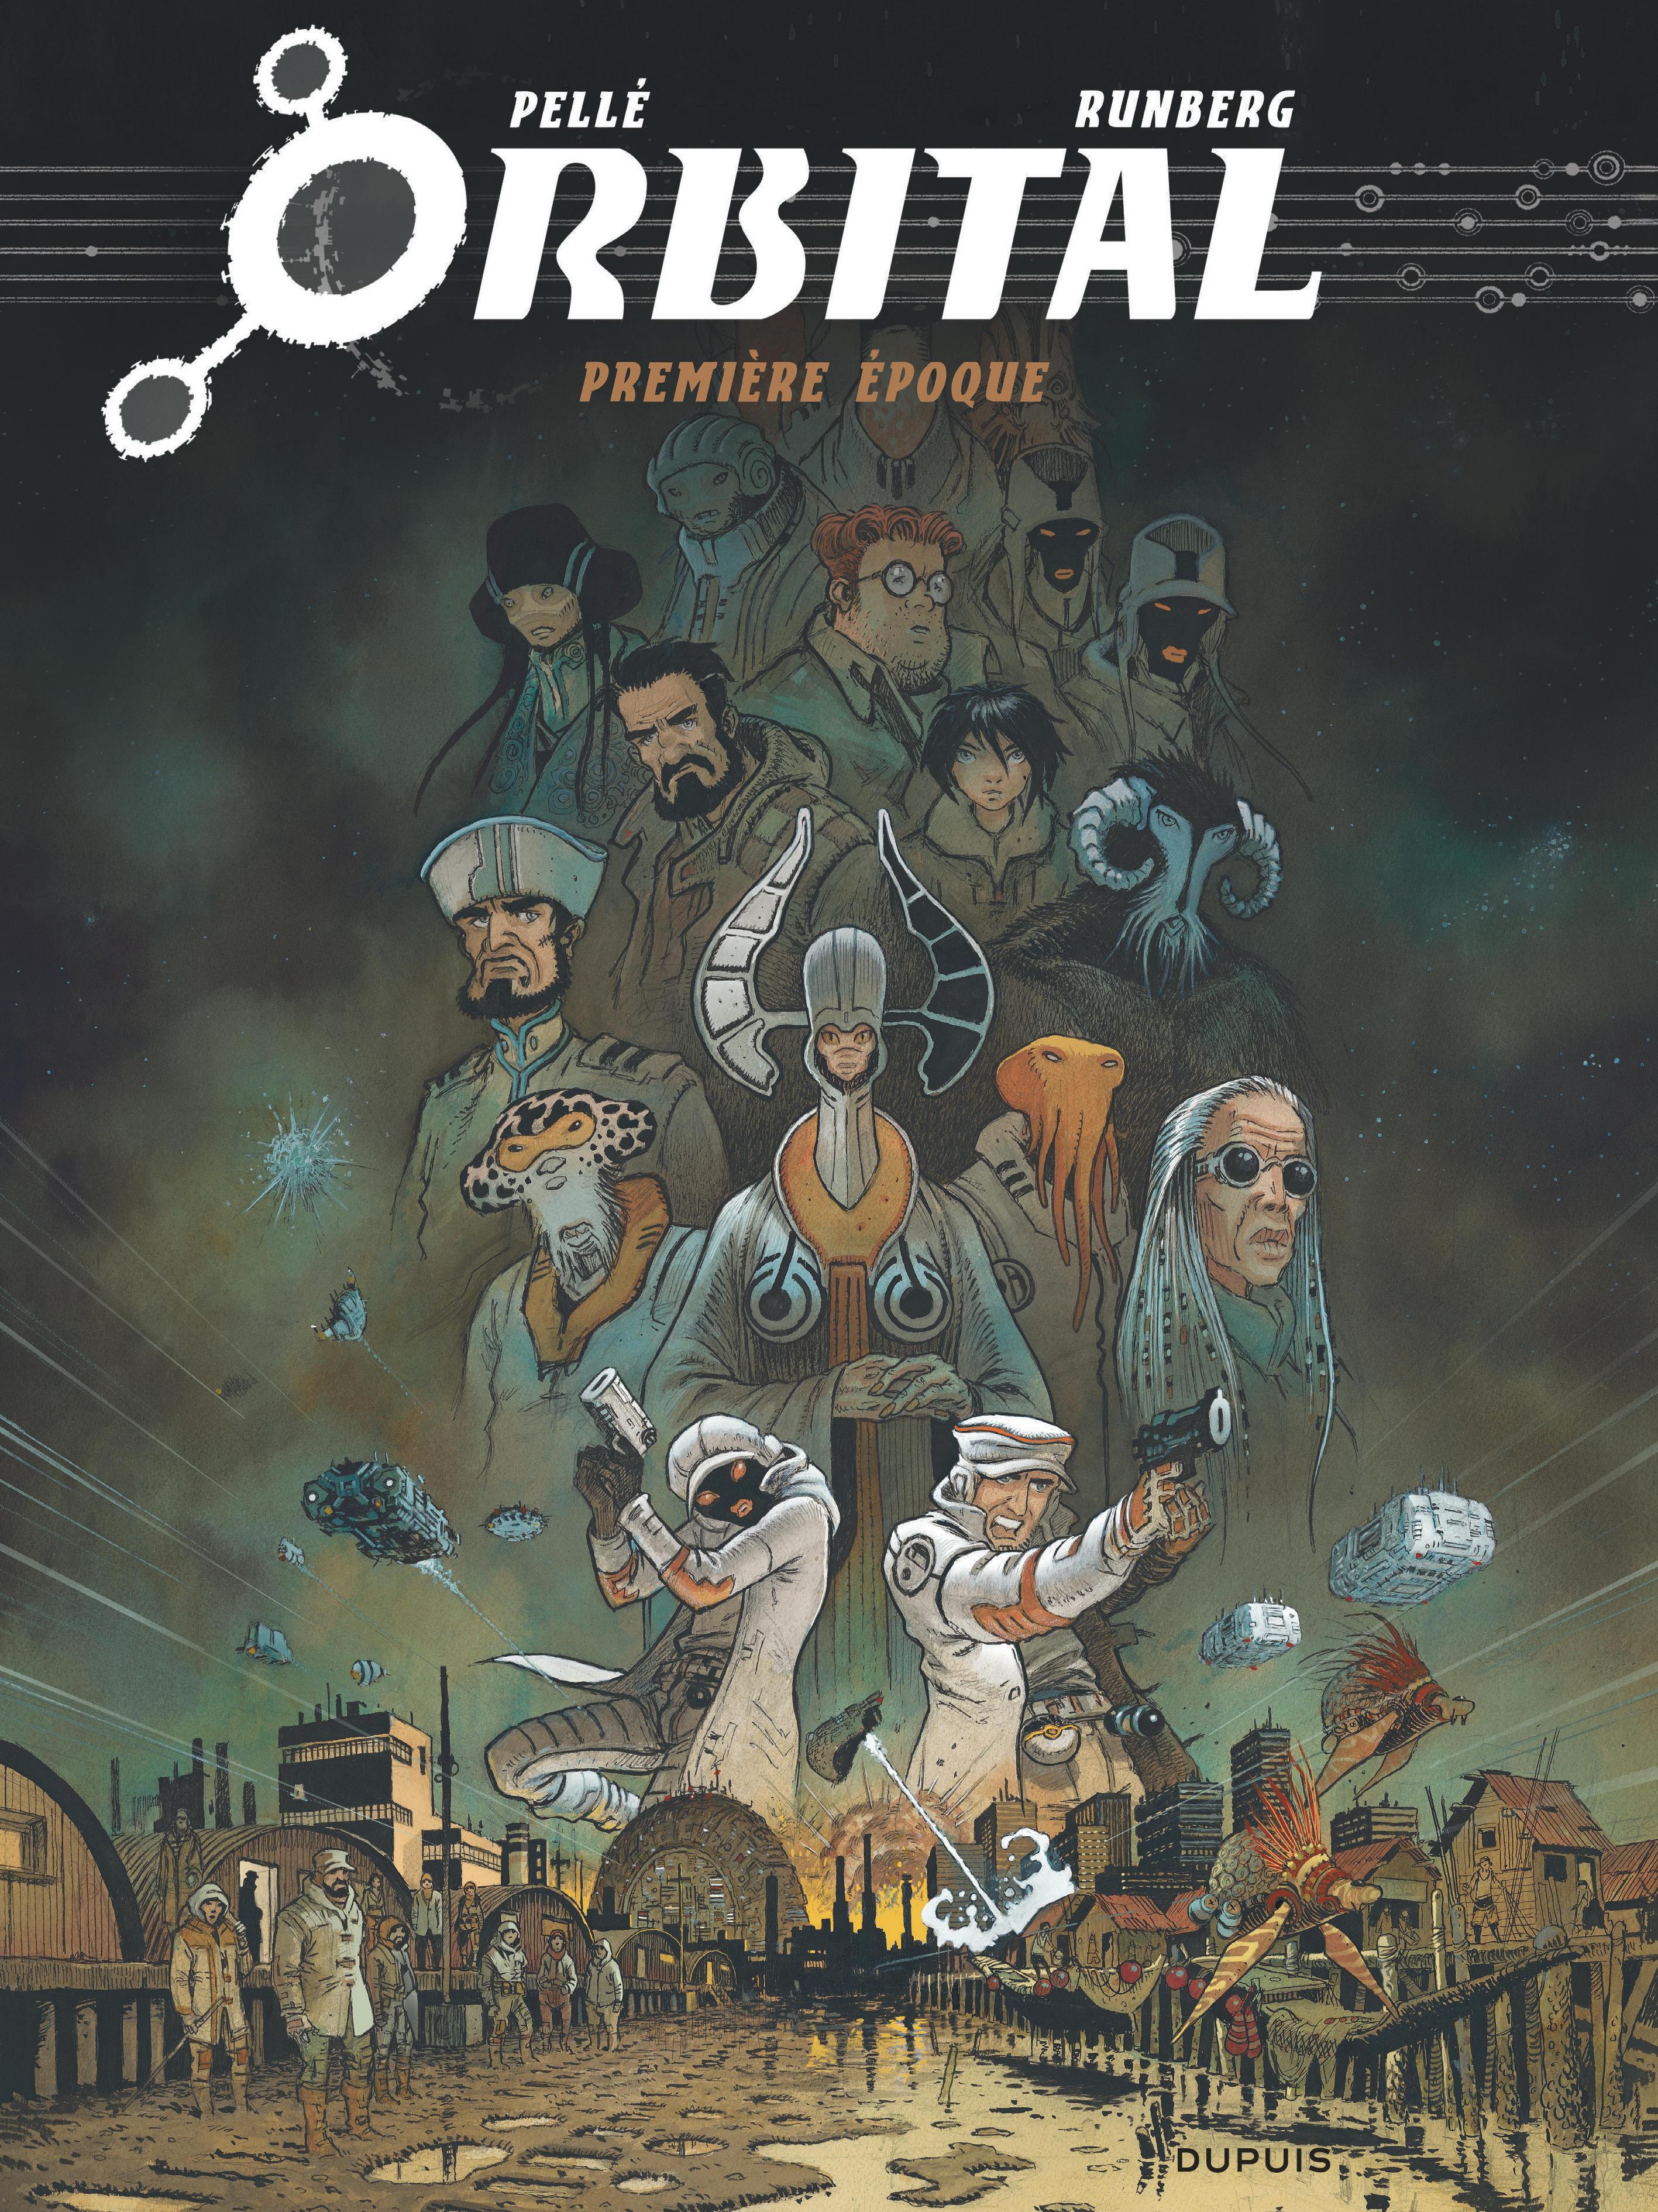 ORBITAL - L'INTEGRALE - TOME 1 - PREMIERE EPOQUE